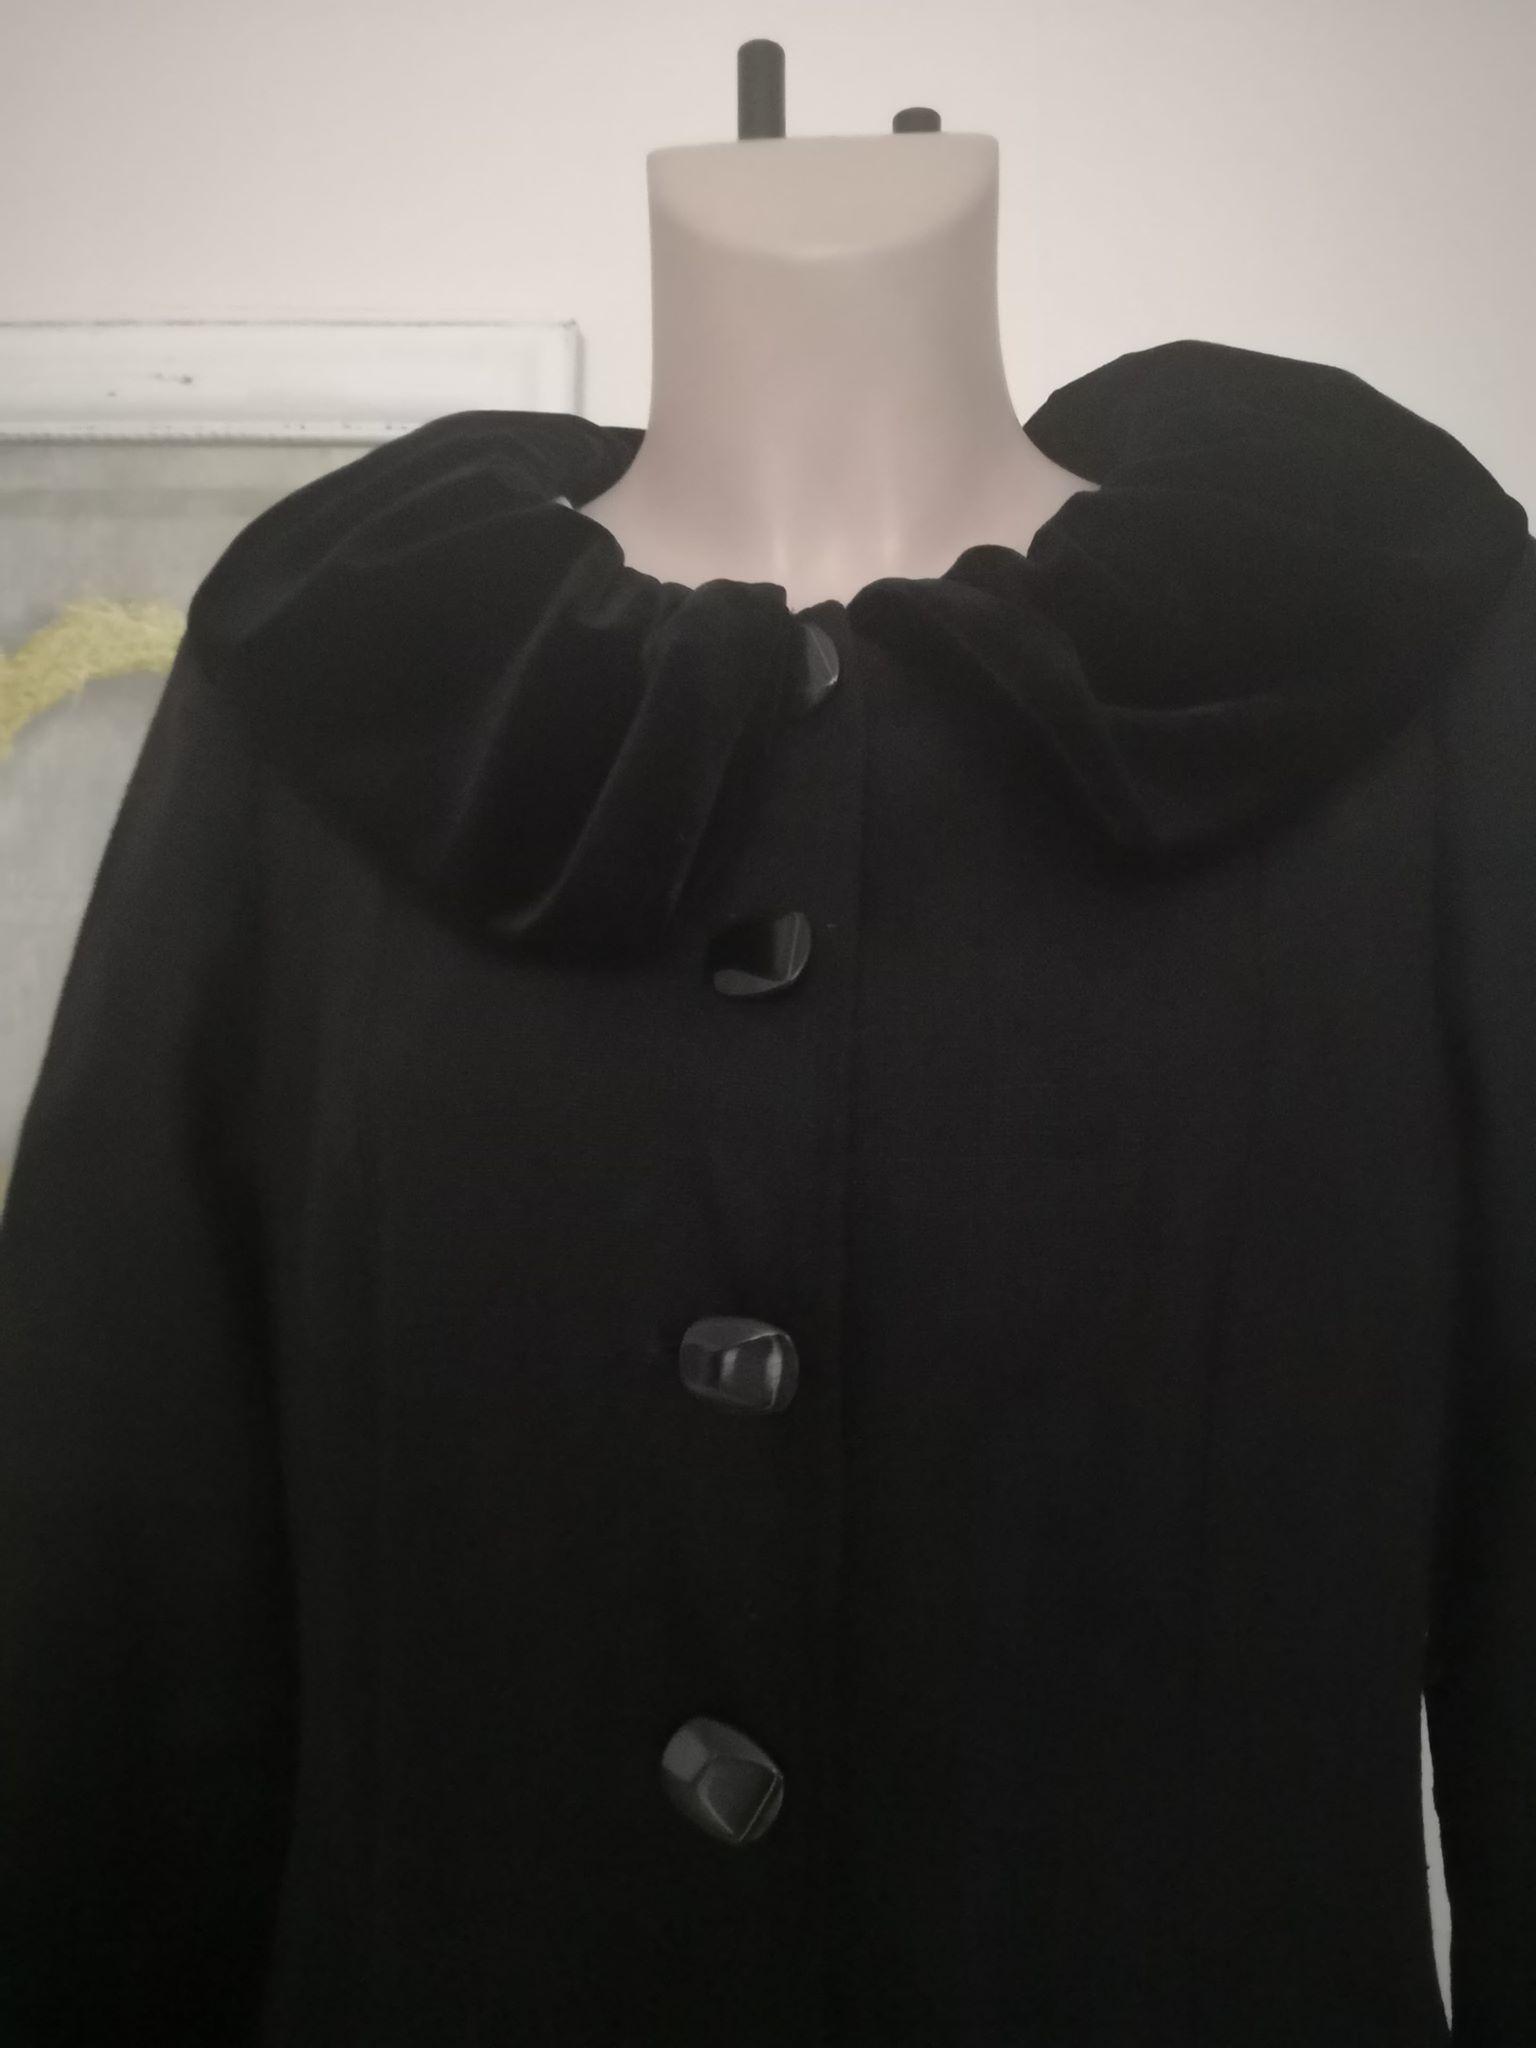 svart linnetyg & sammet